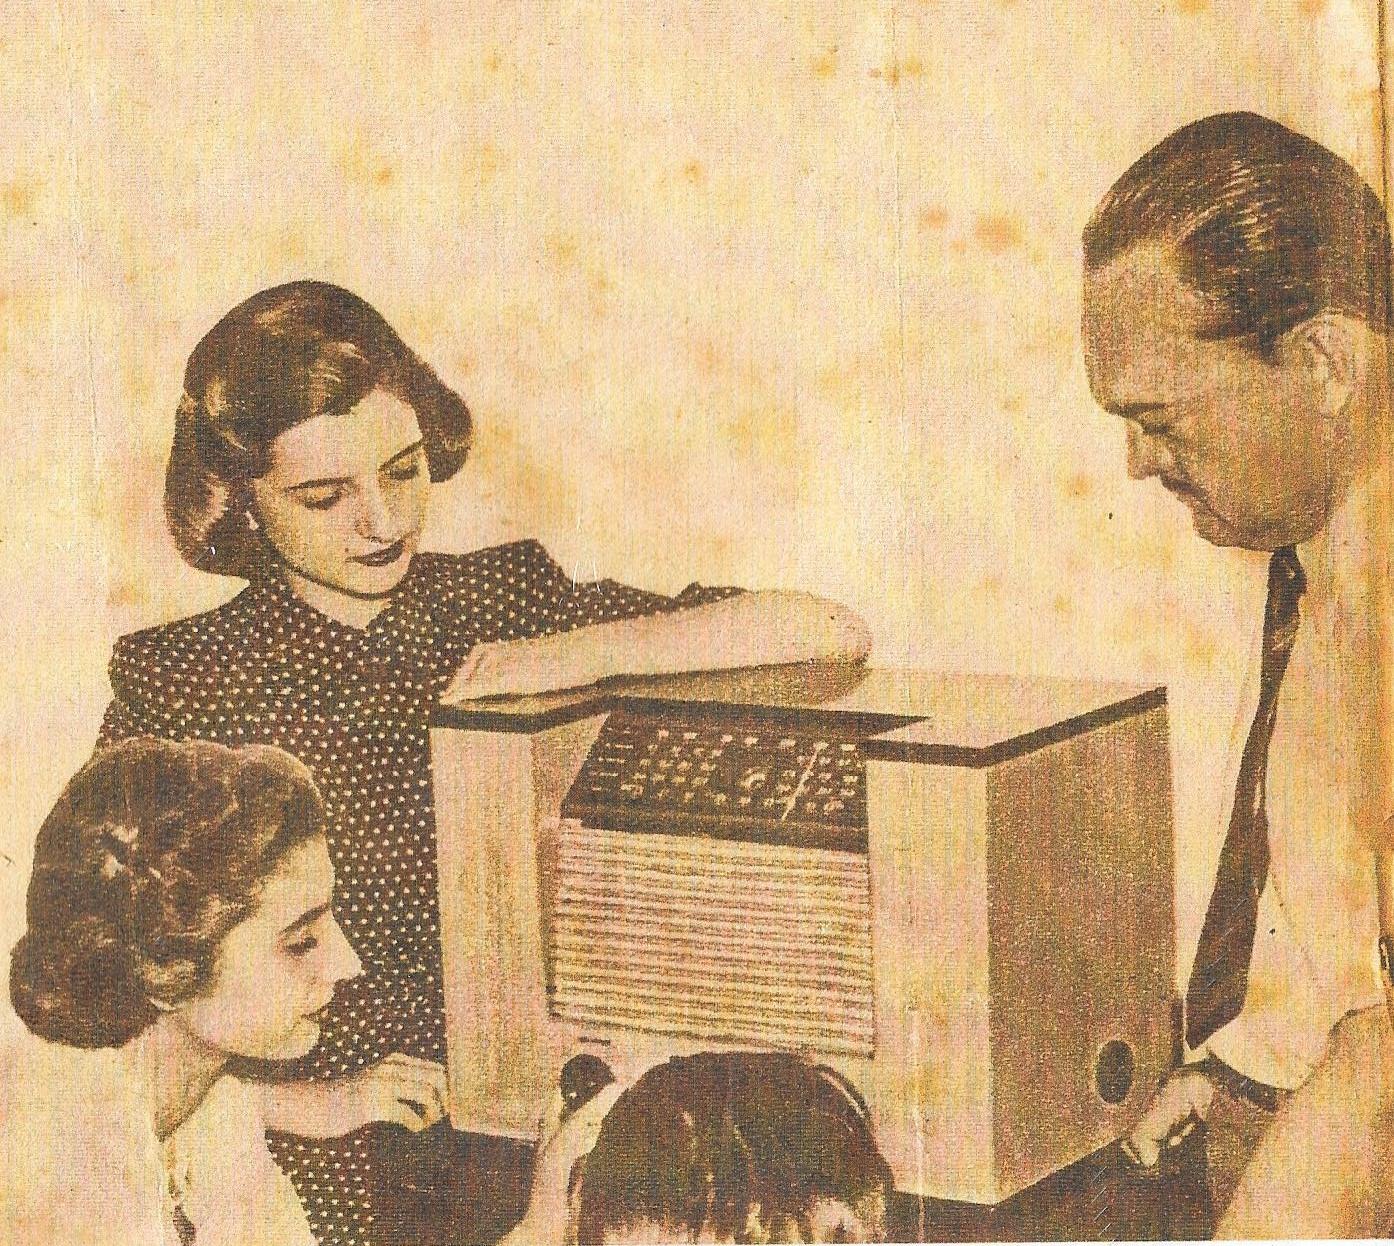 História do Radio: LEMBRANÇAS DA ERA DO RÁDIO